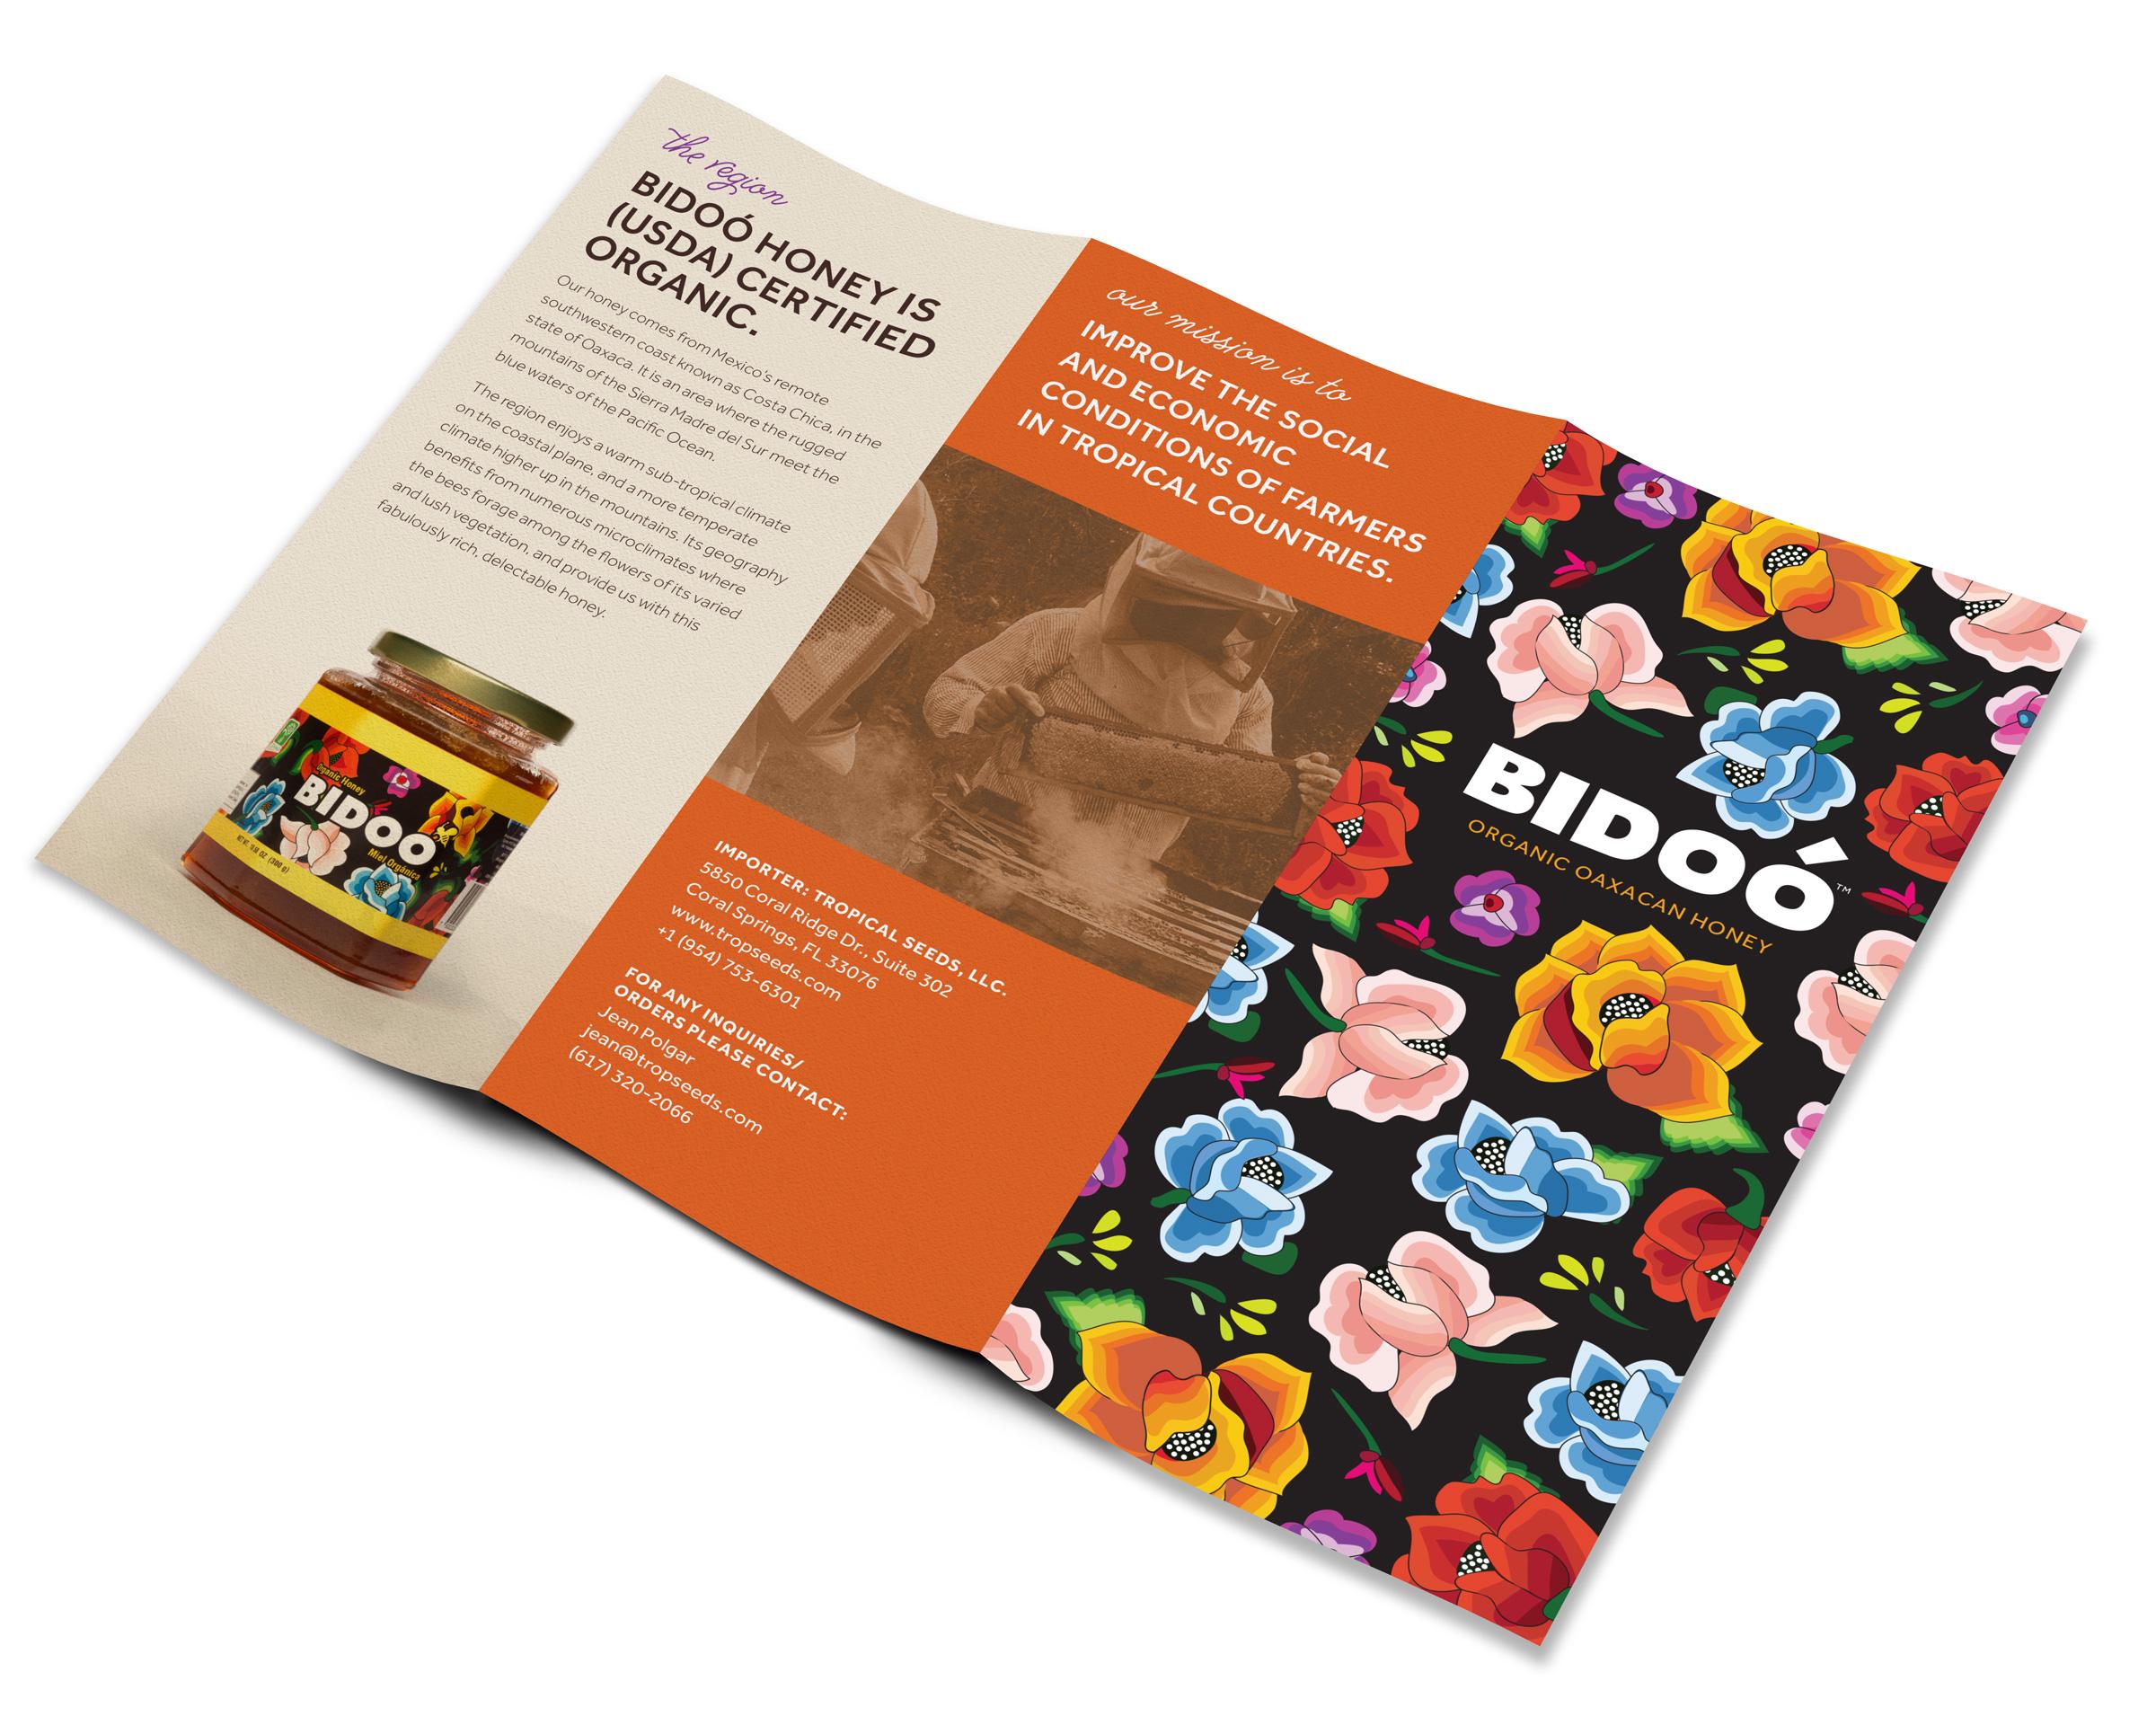 Bidoo Honey product brochure